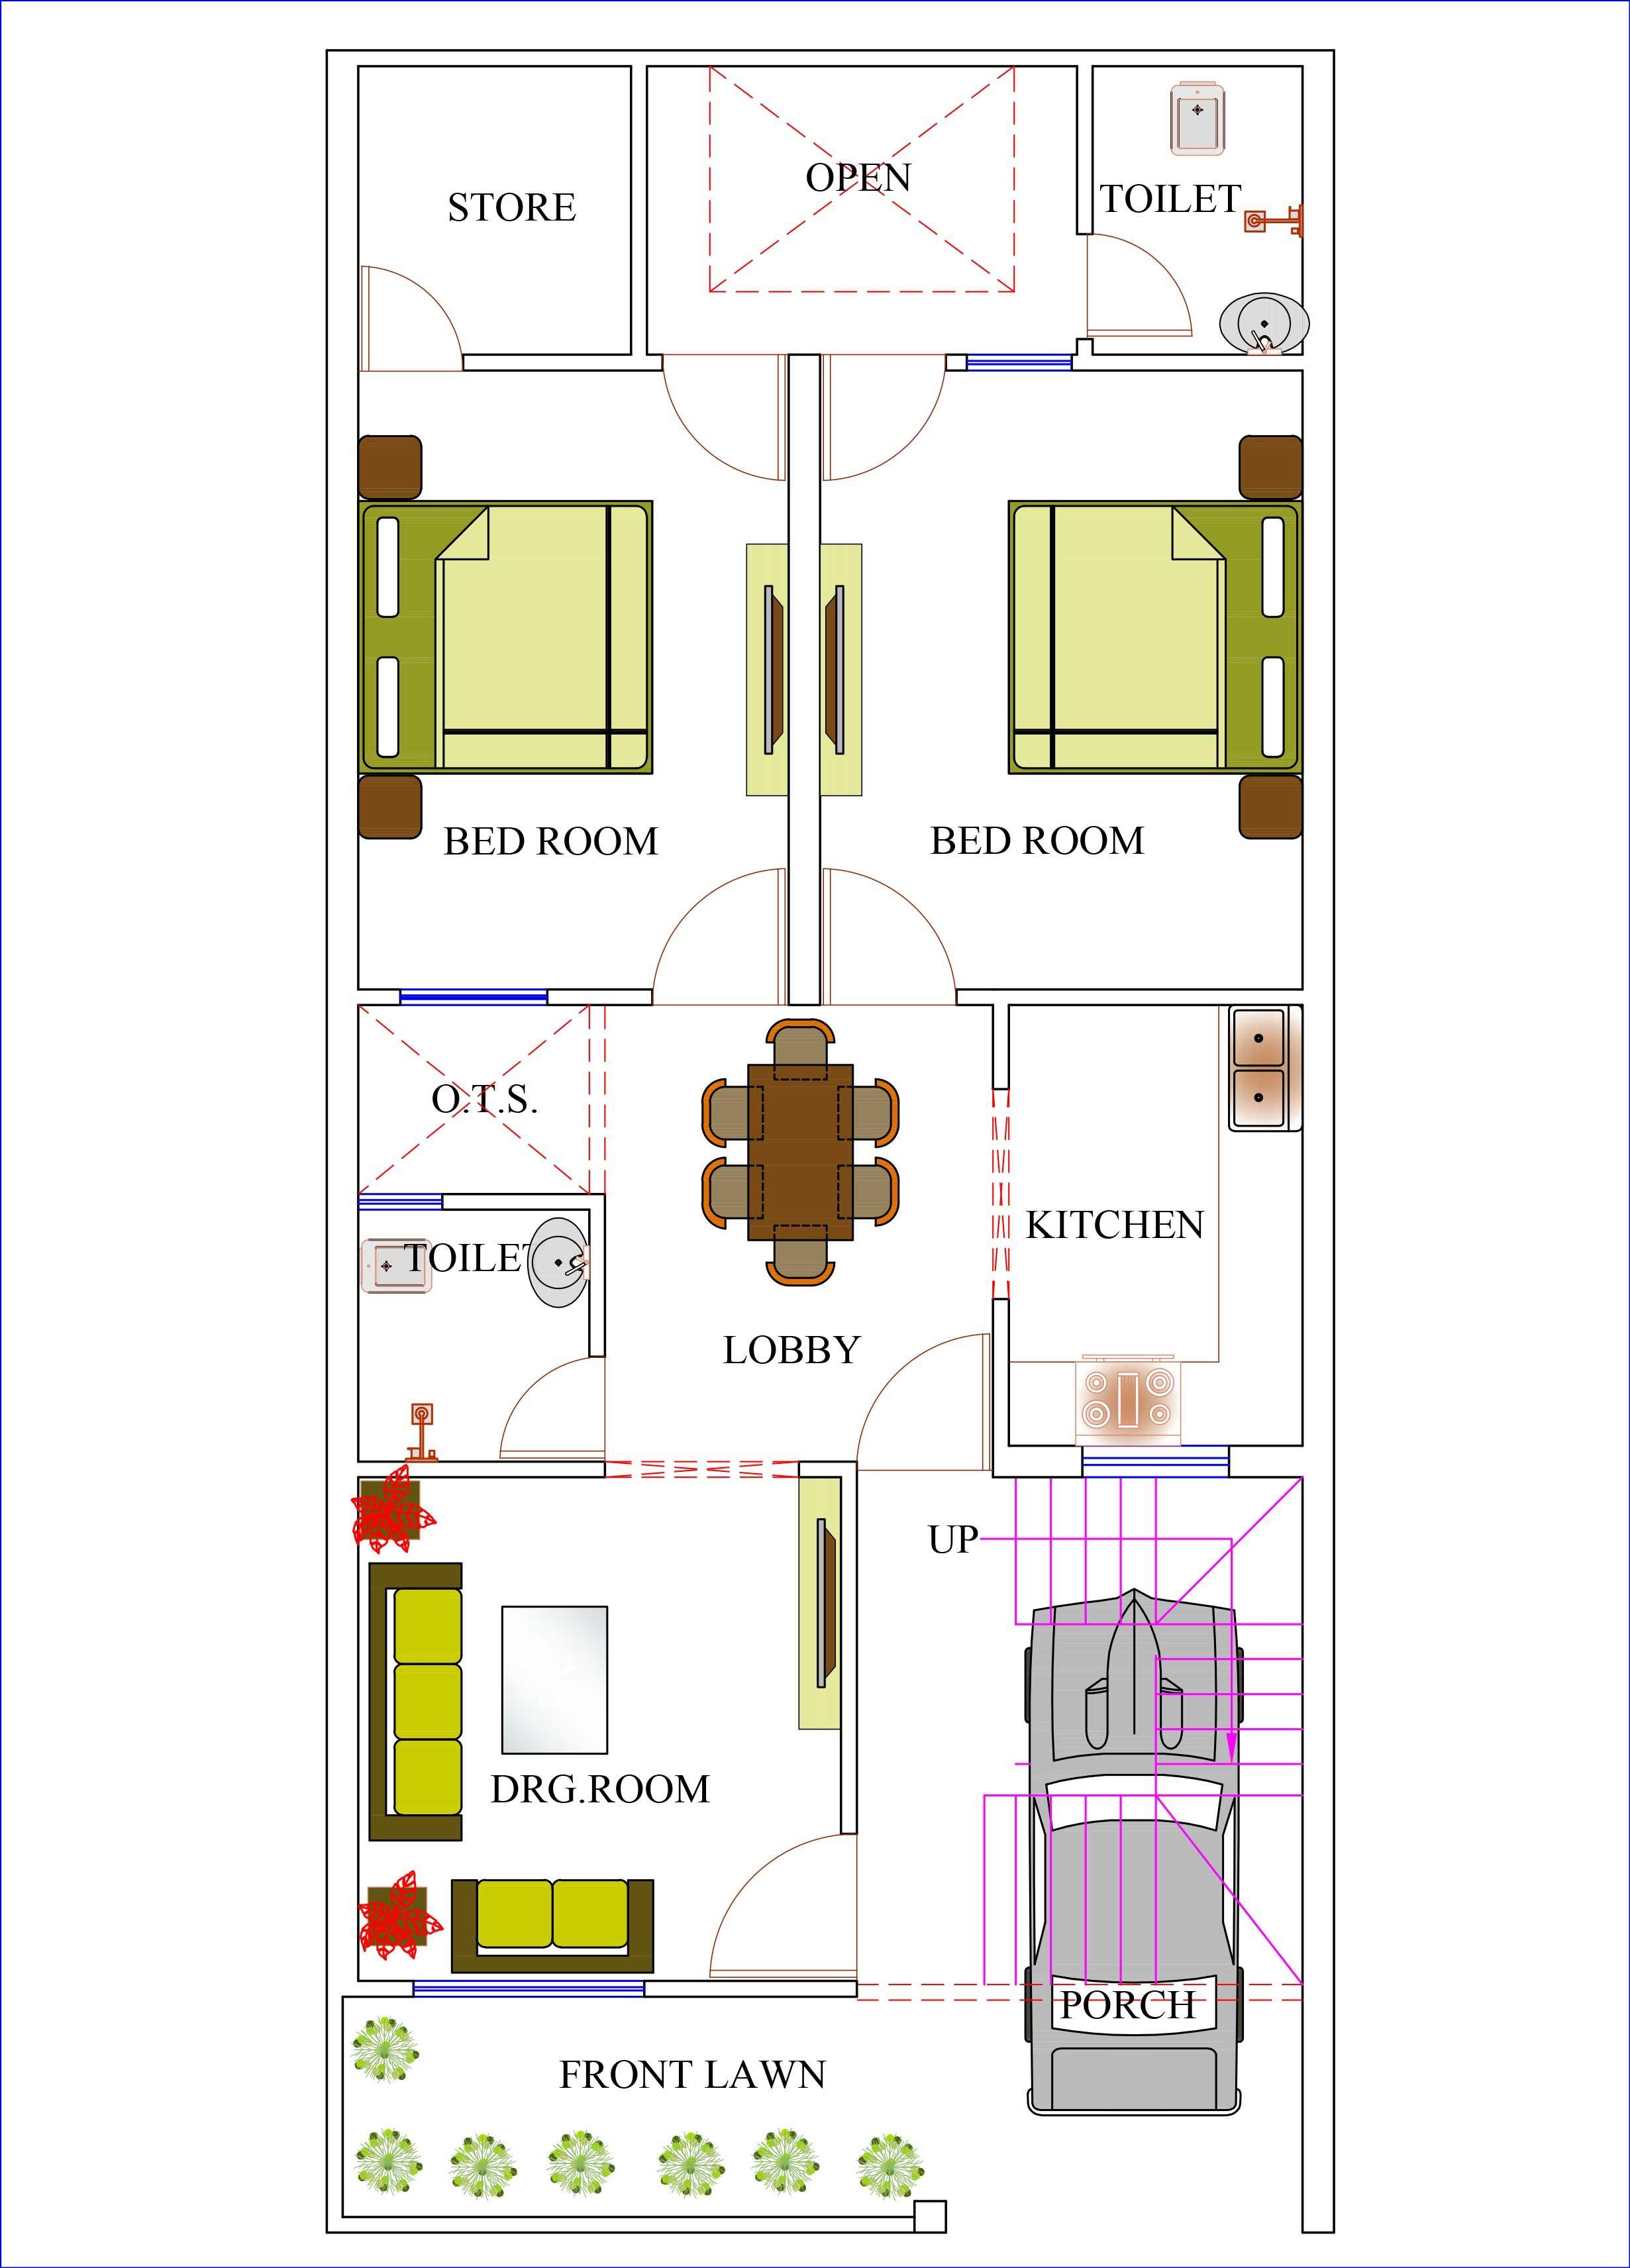 House Plans Home Plans House Designs Plans House Map Budget House Plans House Plans 2bhk House Plan